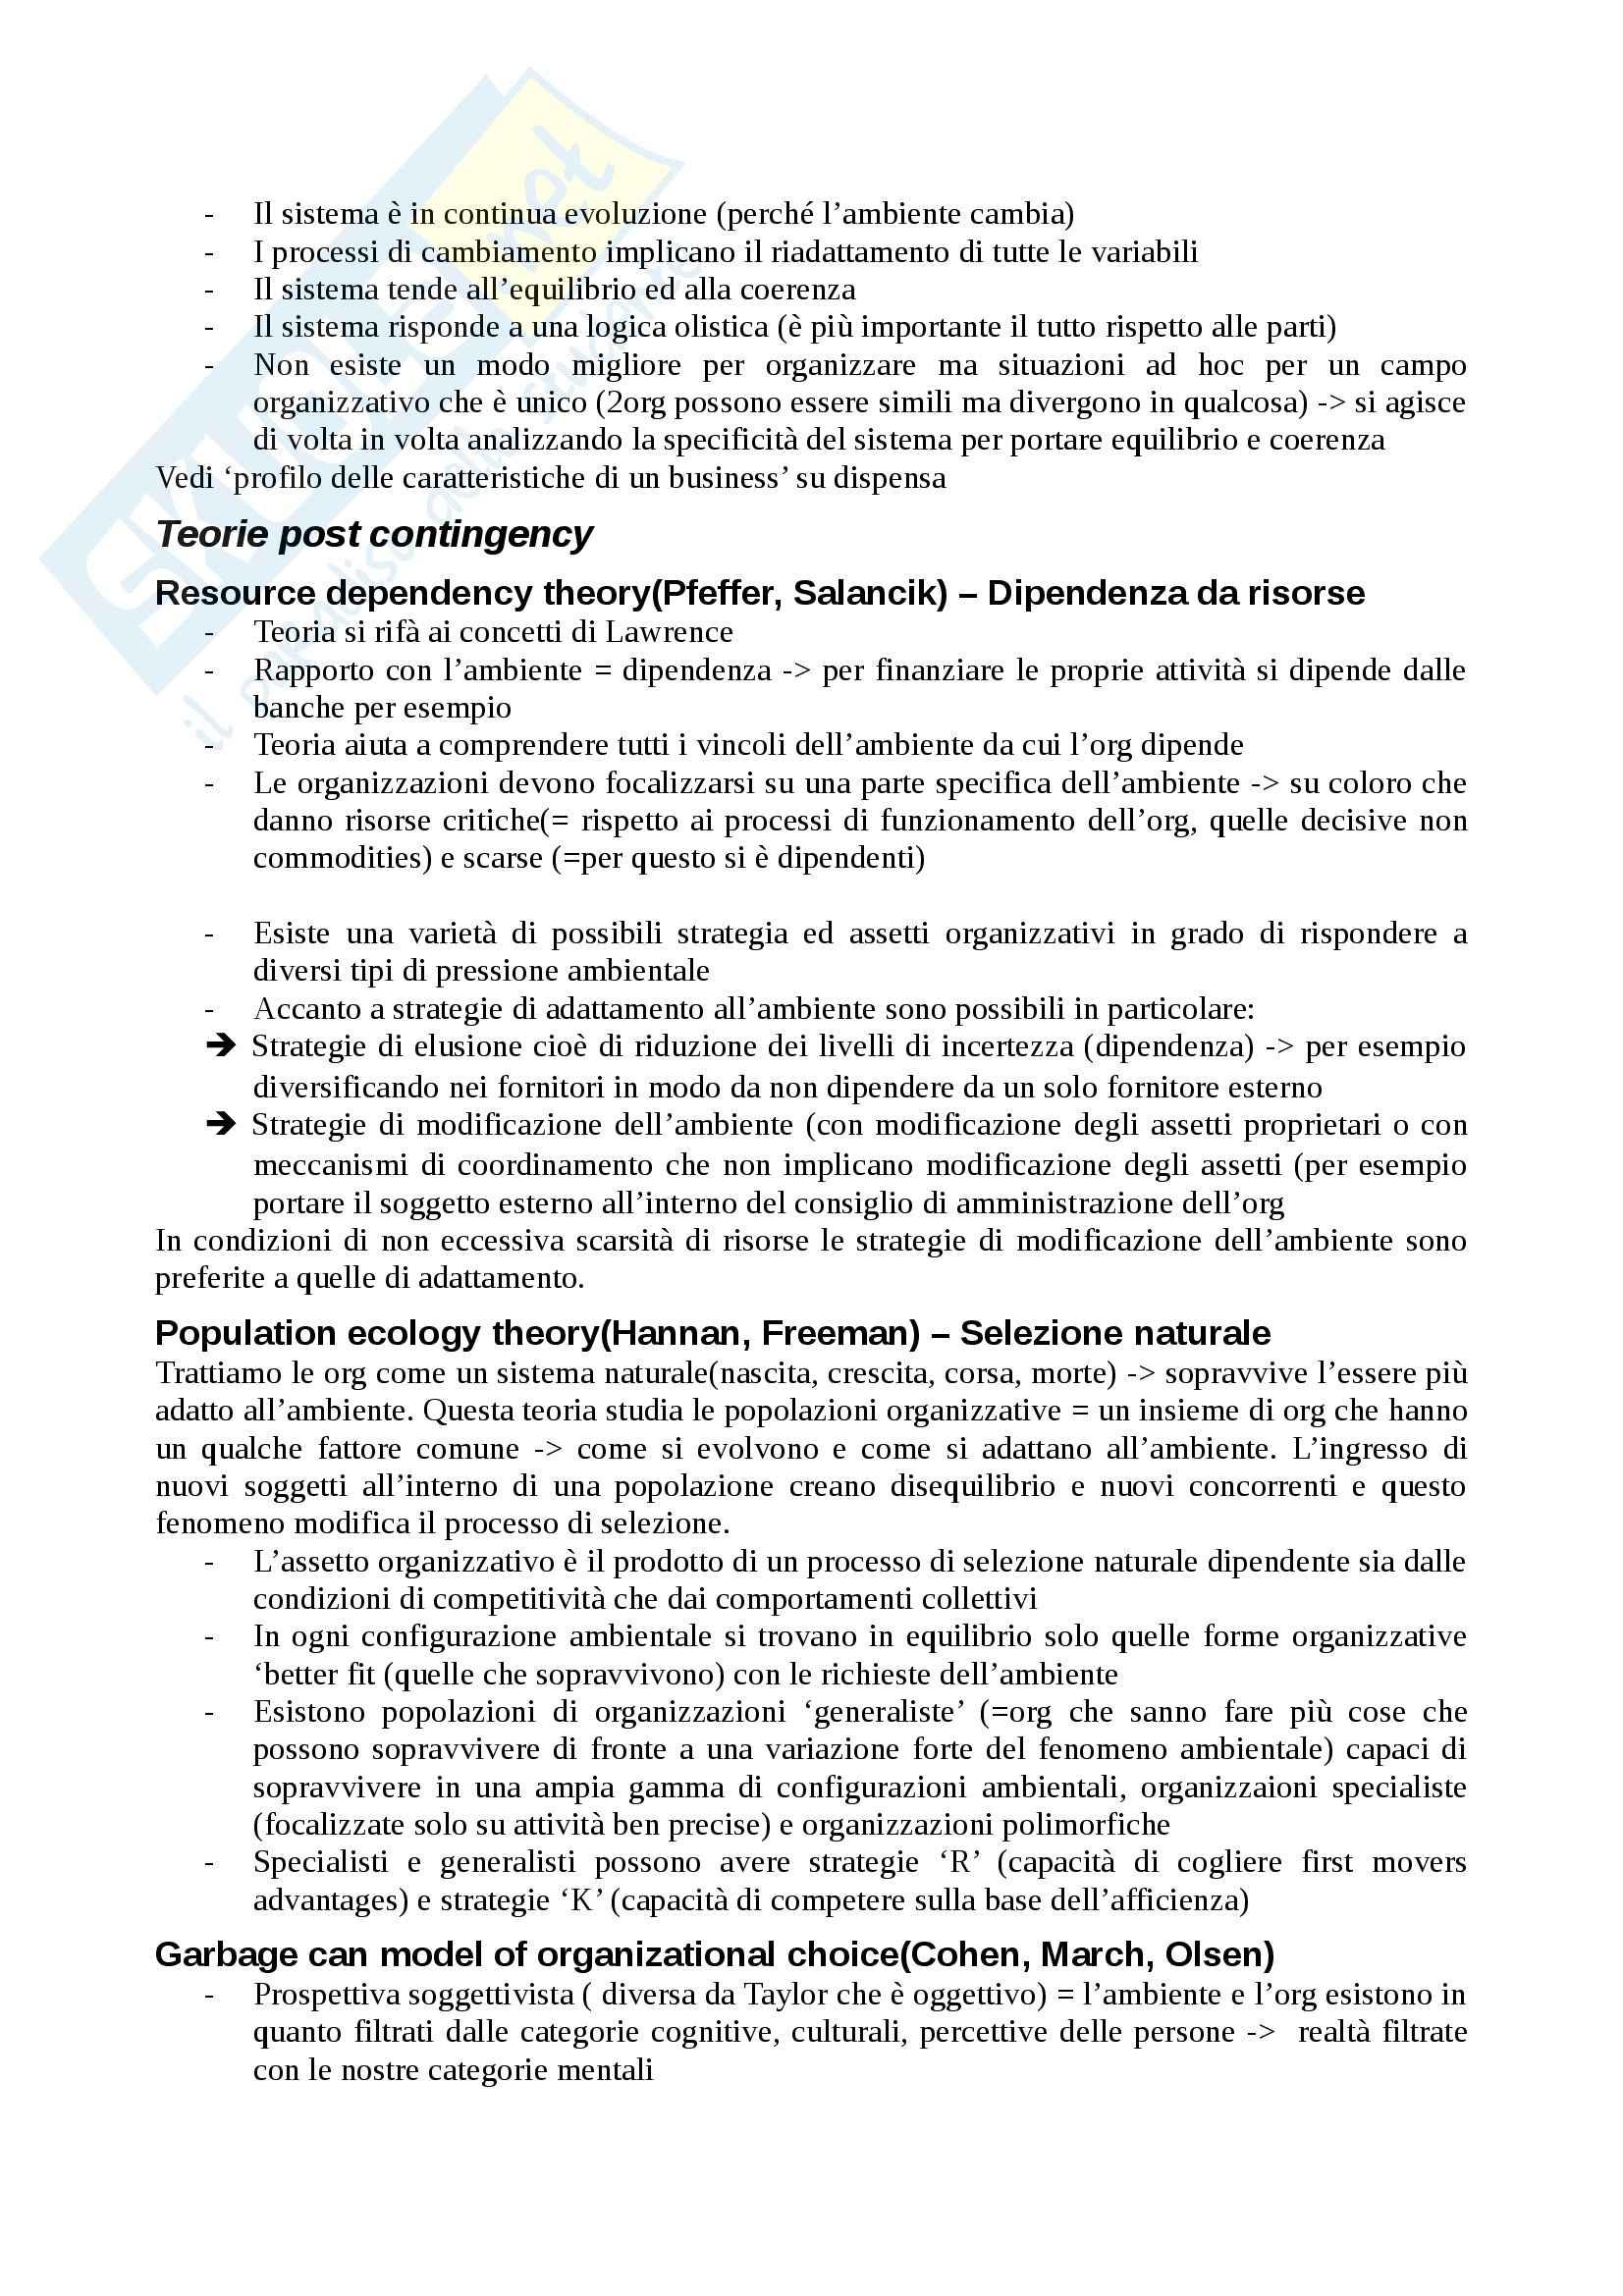 Organizzazione d'impresa - Appunti Pag. 6